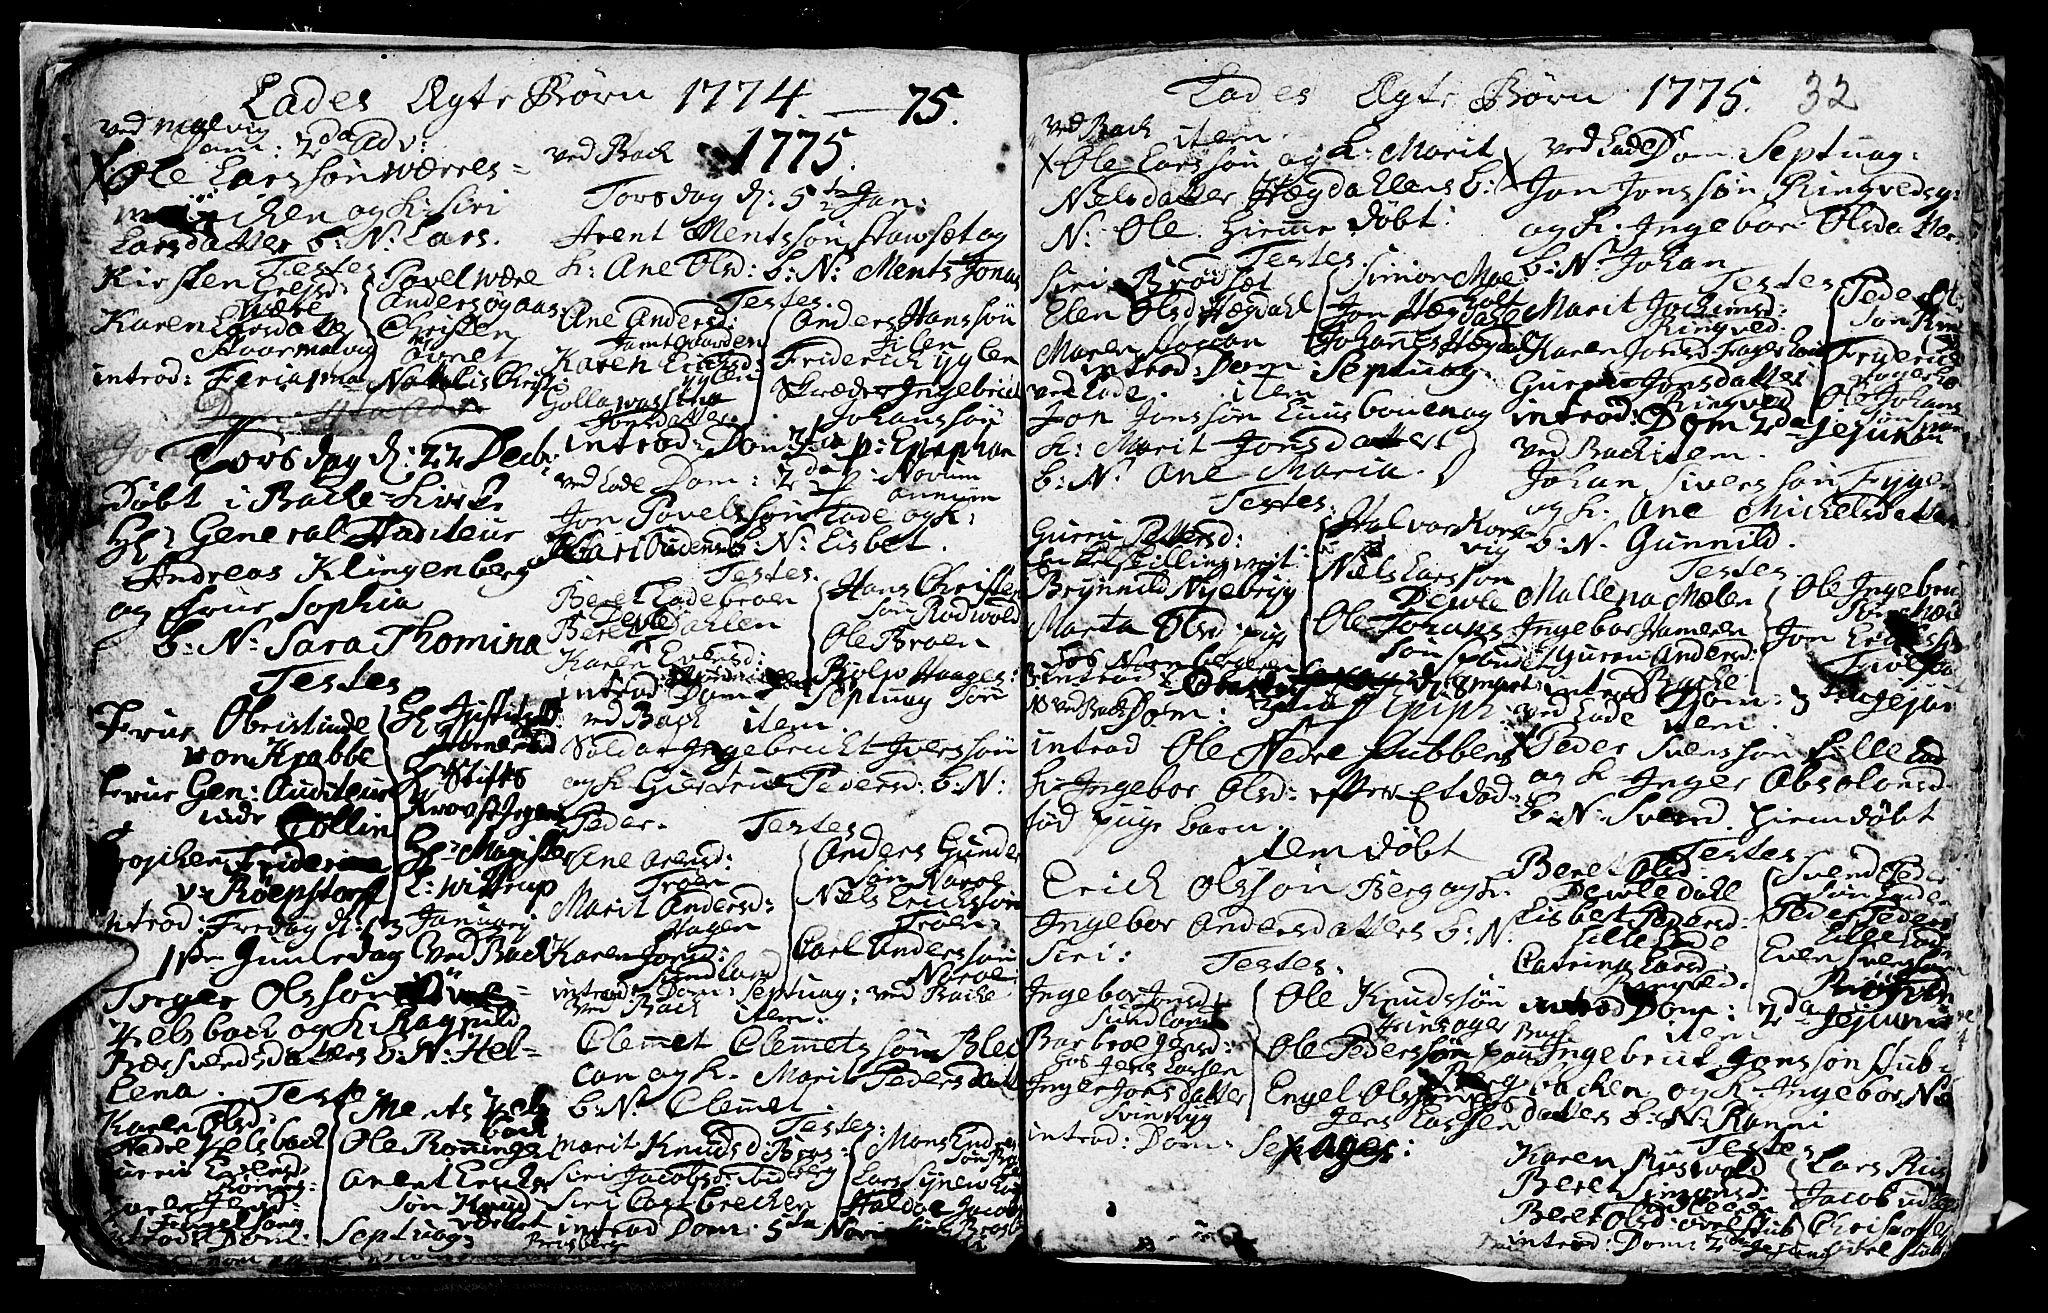 SAT, Ministerialprotokoller, klokkerbøker og fødselsregistre - Sør-Trøndelag, 606/L0305: Klokkerbok nr. 606C01, 1757-1819, s. 32